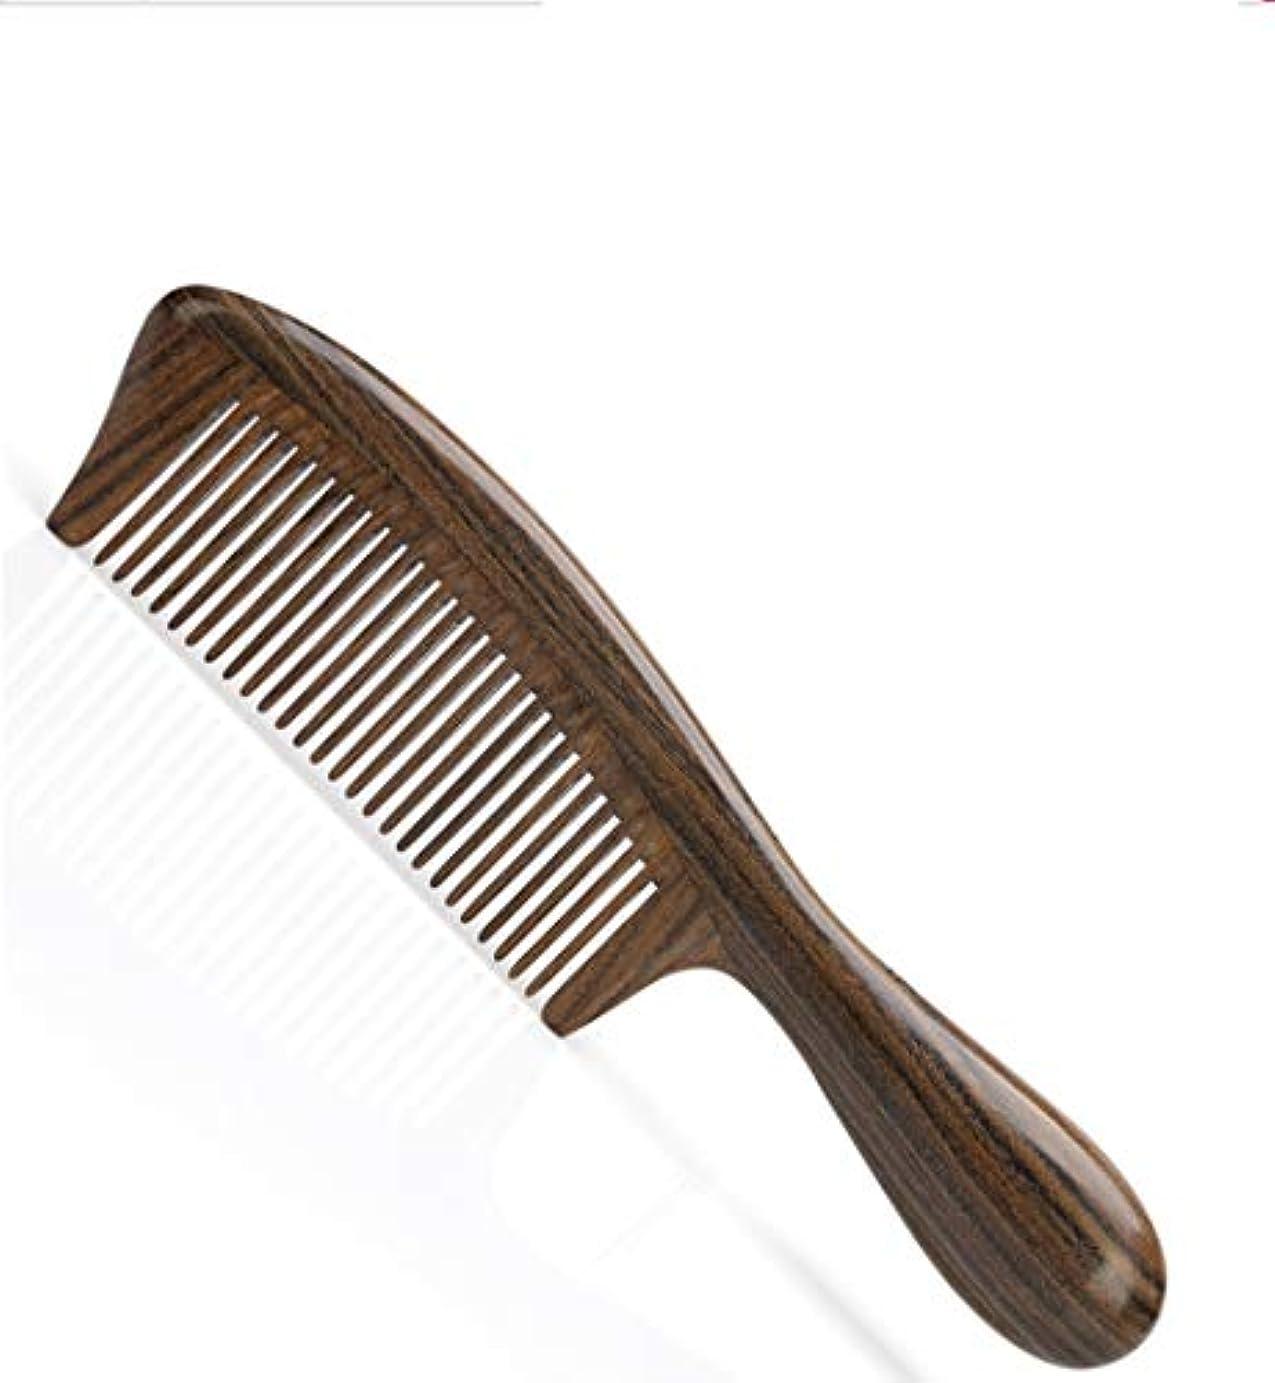 刺します同封する調査新しい携帯用小型帯電防止短い髪、巻き毛の広い歯の櫛黒檀 ヘアケア (色 : ブラウン)